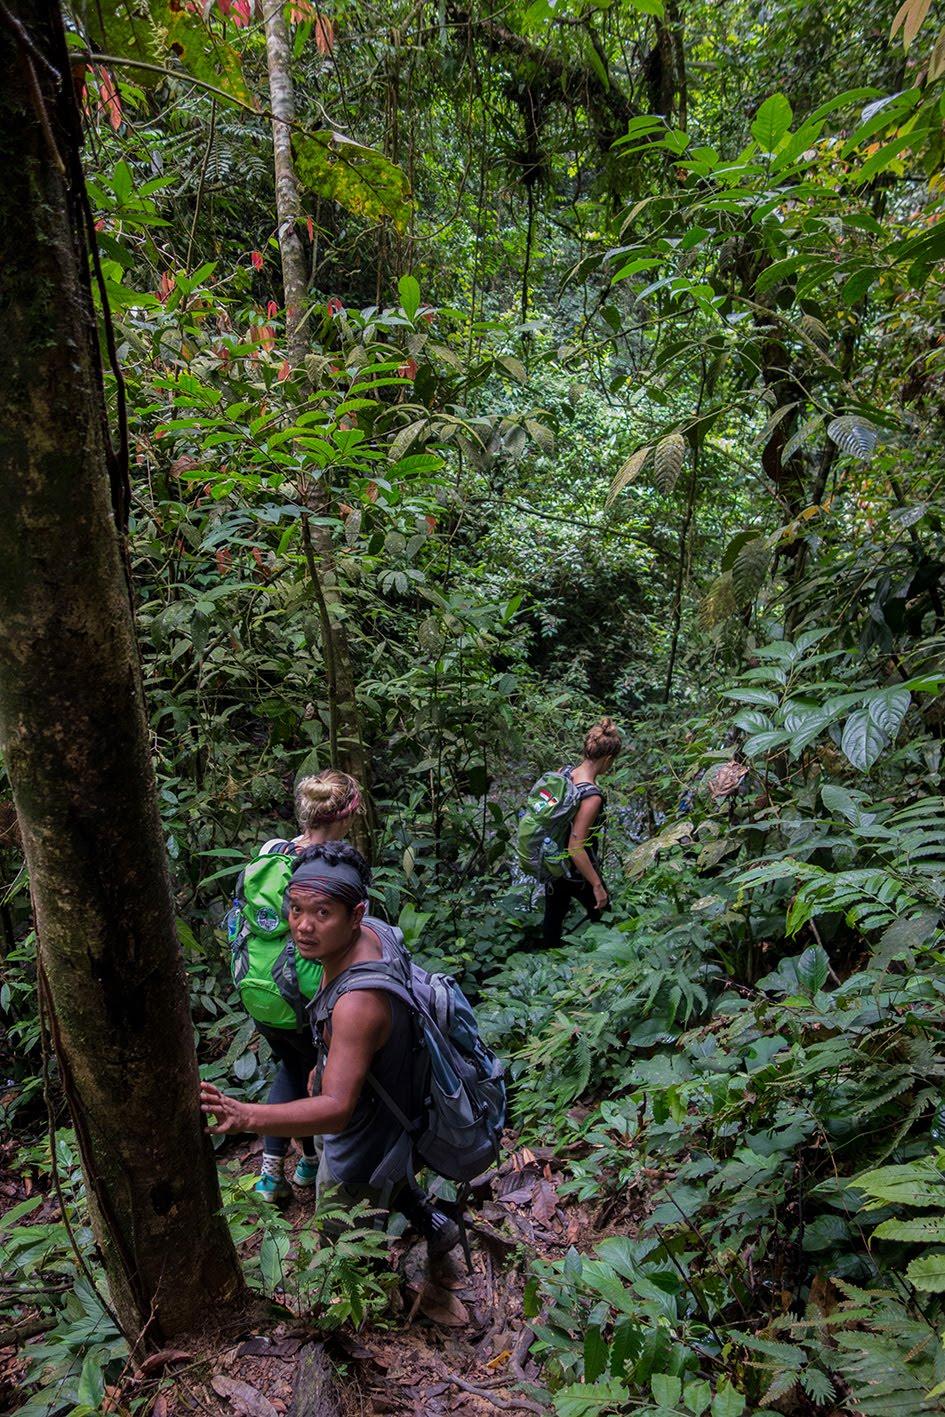 Mandt around the world: bukit lawang [teil 1] – dschungel trekking ...